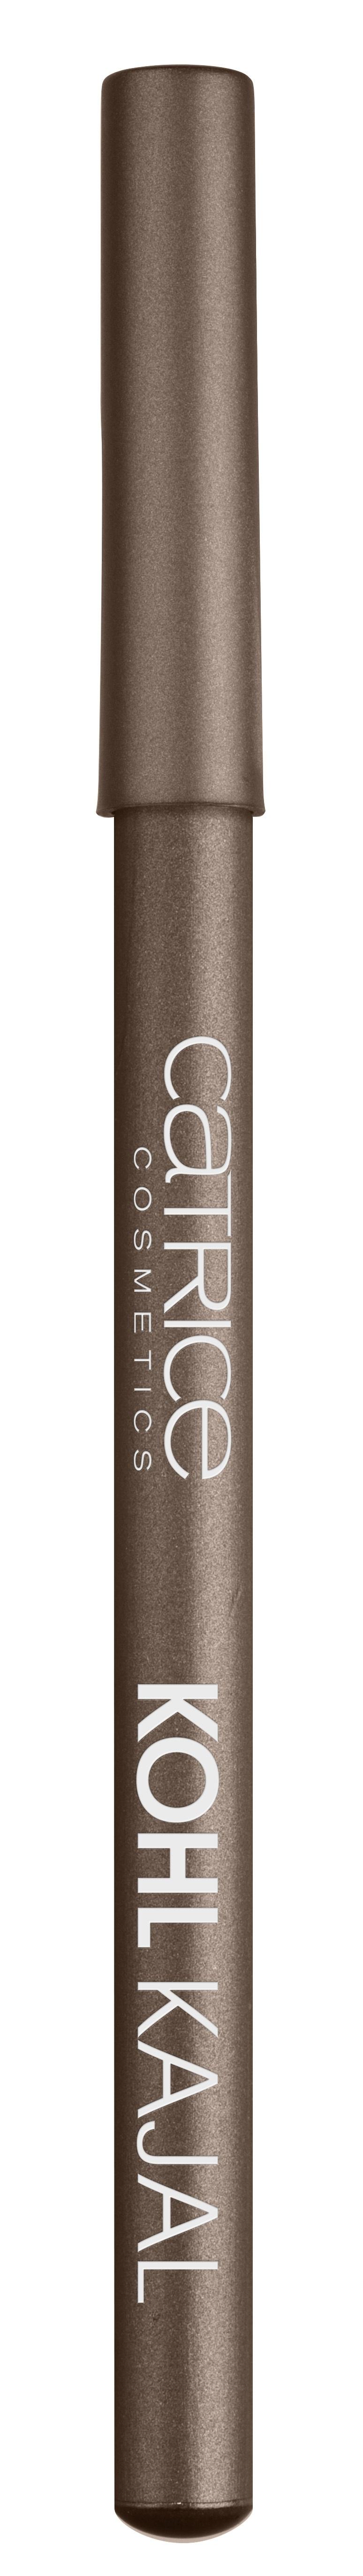 CATRICE Контур для глаз Kohl Kajal 140 коричневый, 1,1гр73239Идеальный карандаш для выполнения макияжа Smokey Eyes. Стойкий, хорошо тушуется, имеет восковую основу. Создает мягкий эффектный контур.